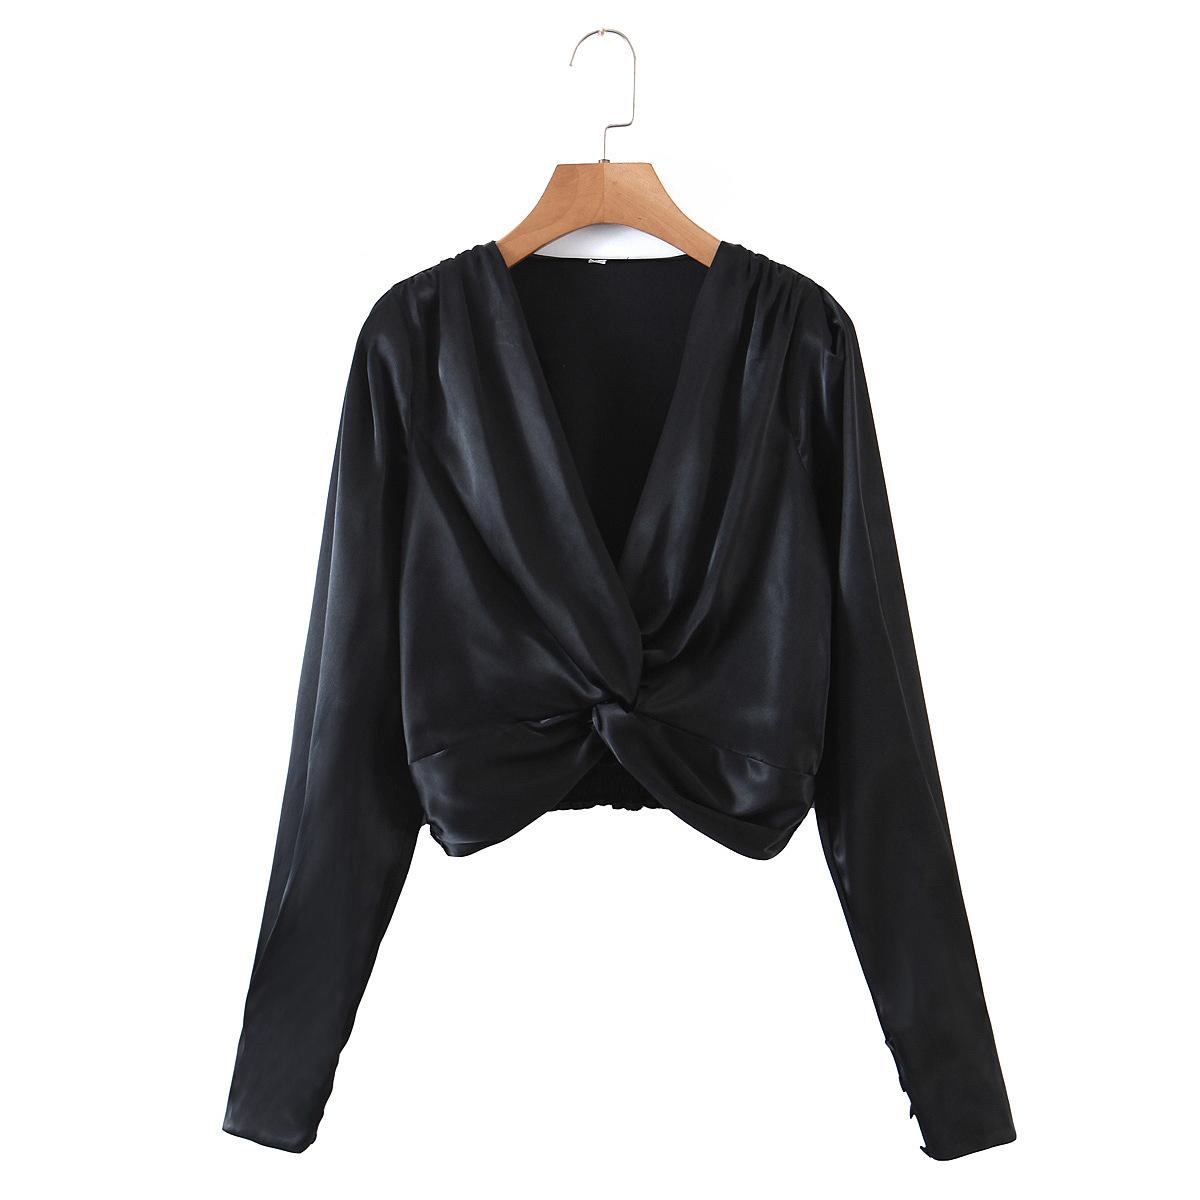 2021秋冬歐美時尚胸前打結長袖襯衫女黑色套頭V領寬鬆襯衫 7tXM